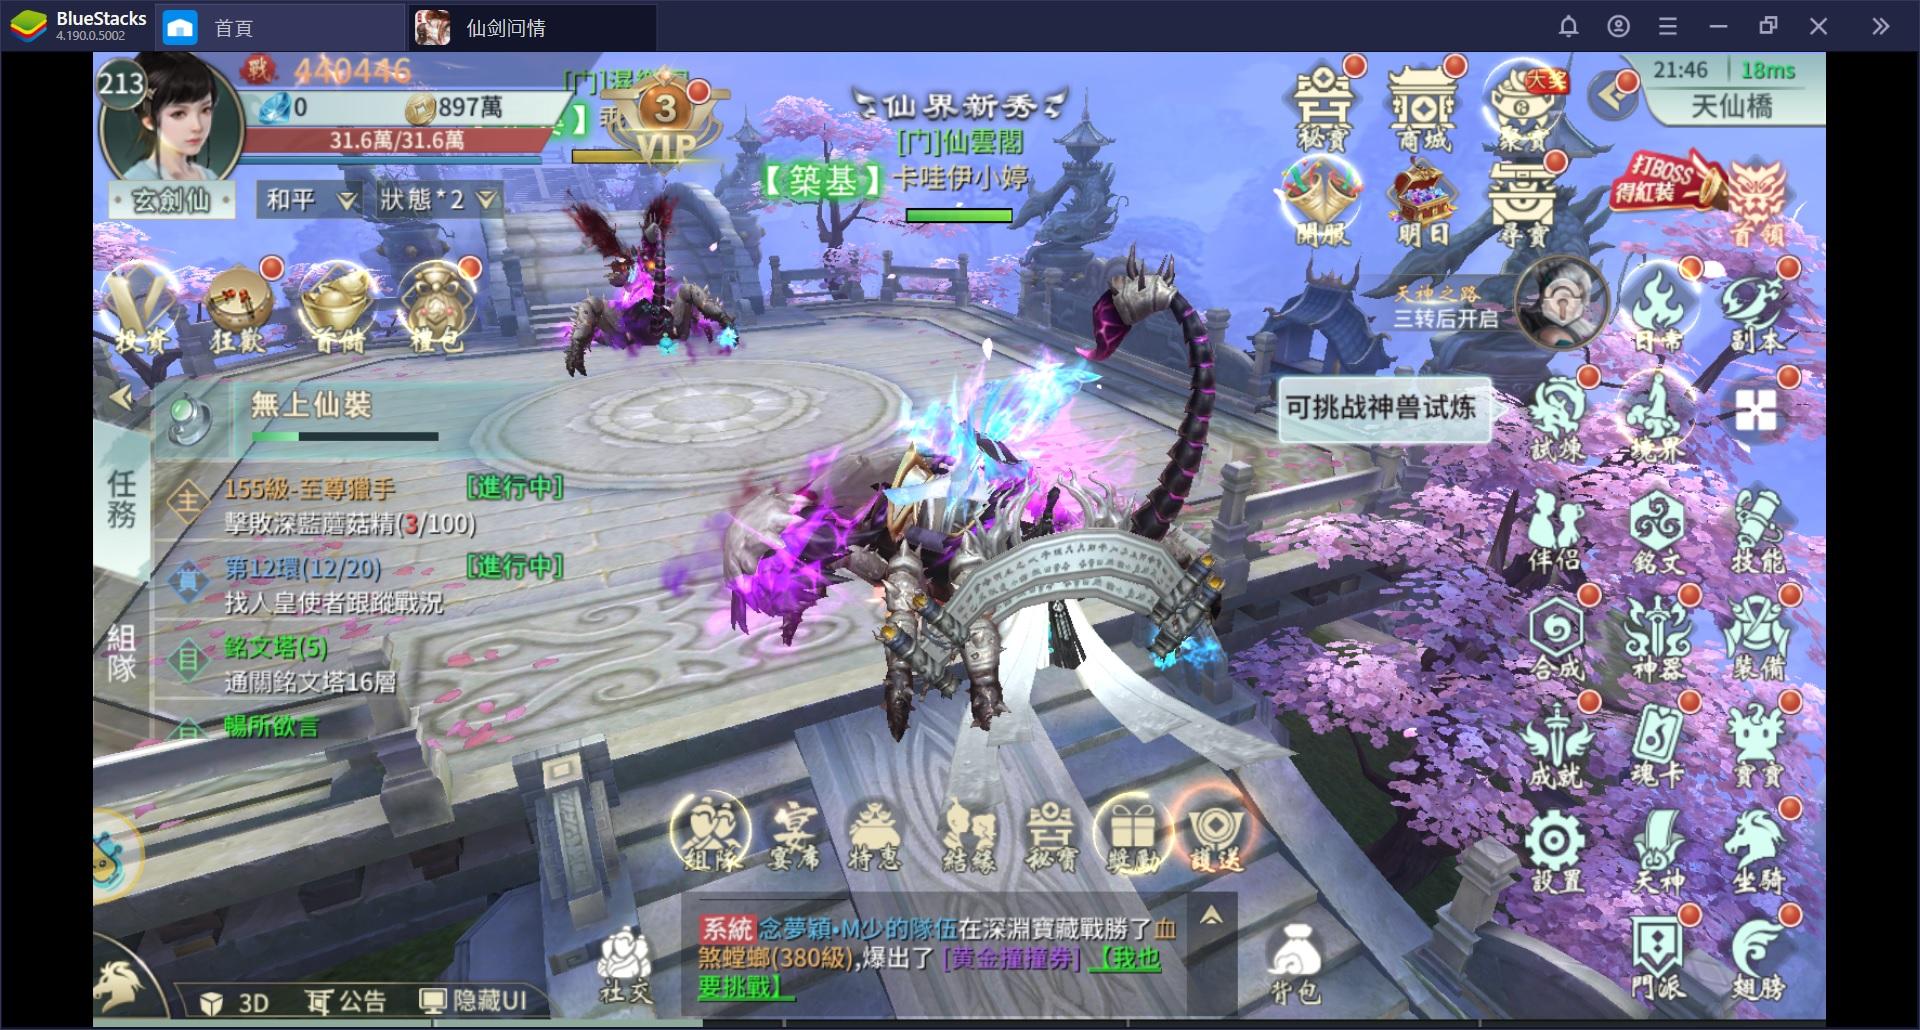 《仙劍問情》:新手必知的核心功能與遊玩技巧大攻略